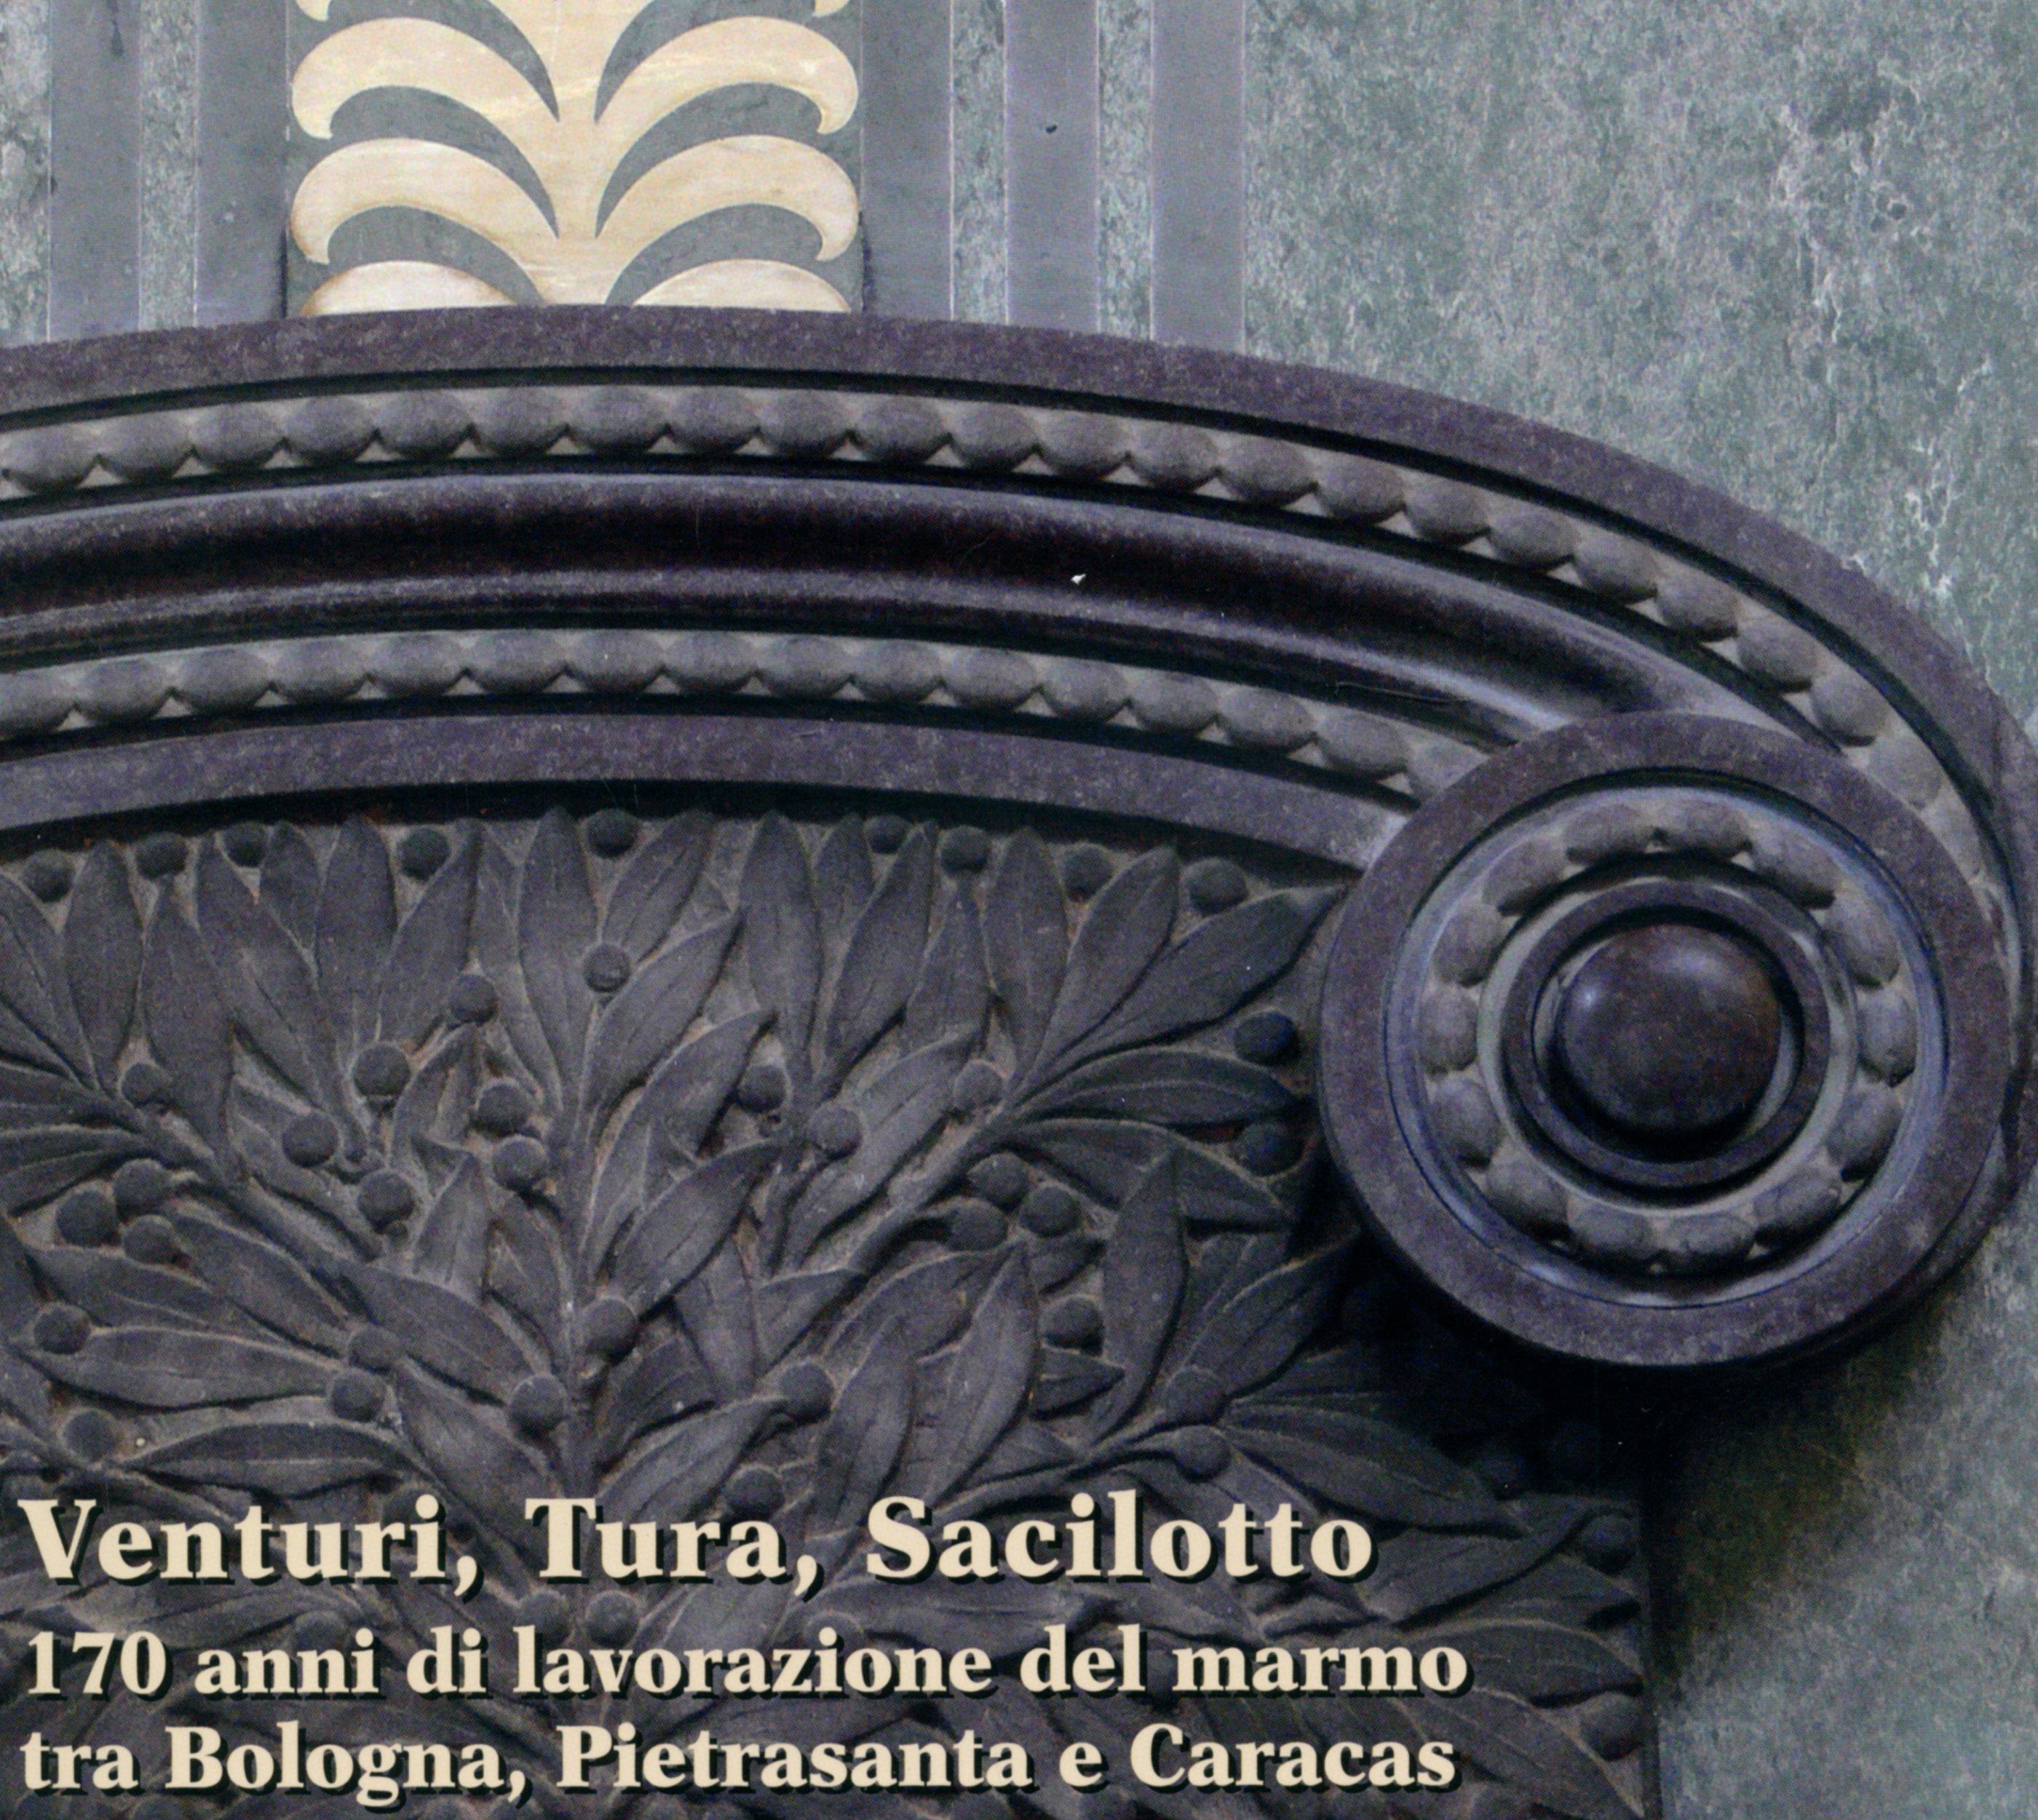 Venturi, Tura, Sacilotto. 150 anni di lavorazione del marmo tra Bologna, Pietrasanta e Caracas